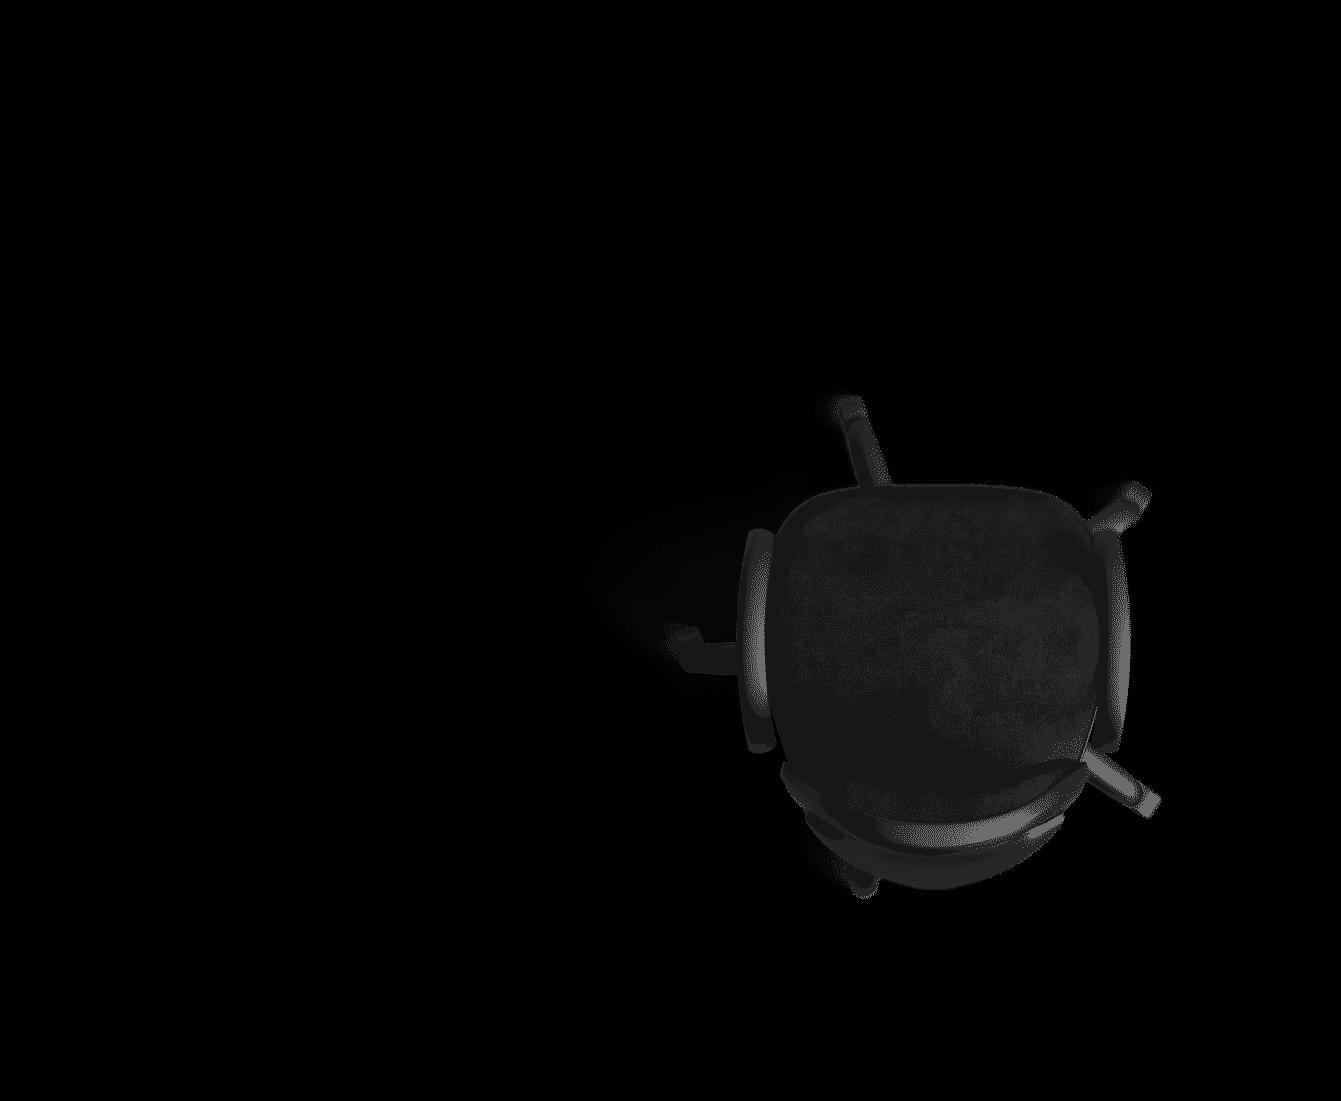 en bas à droite, une chaise noir de bureau avec 5 roulettes et deux accoudoirs. l'image a un fond transparent